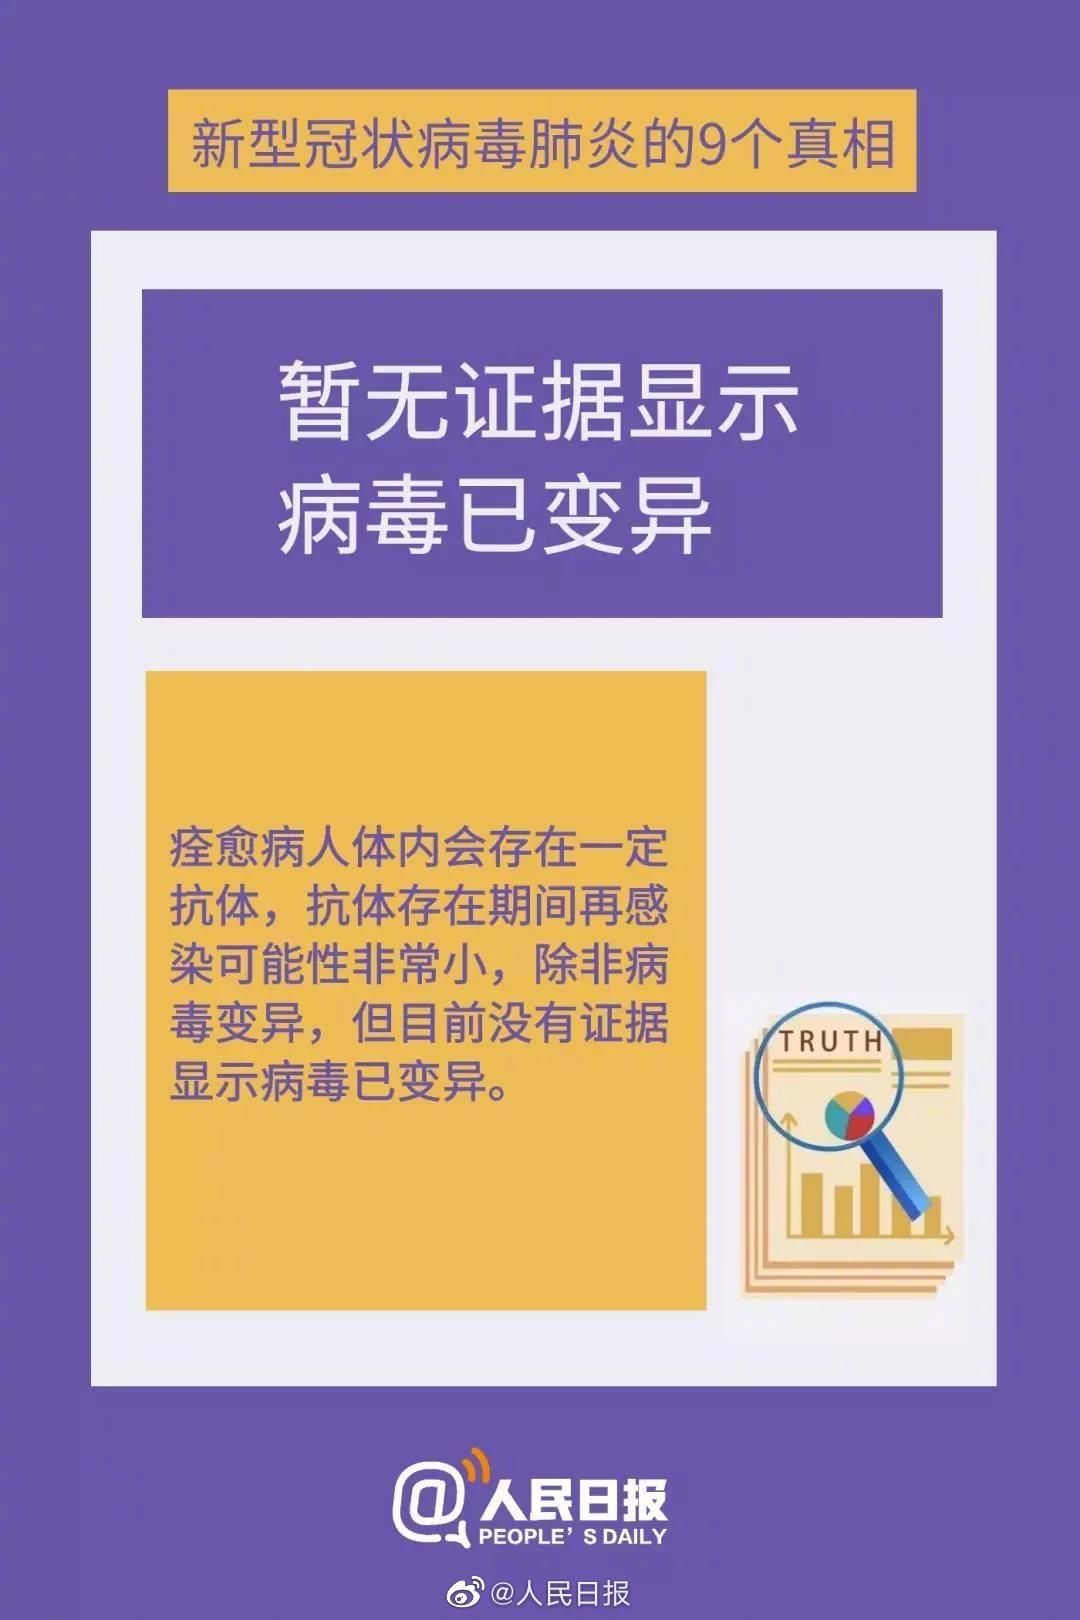 新建文件夹 (2)img-11d28b5f74fe0683a103096a387e4baa.jpg